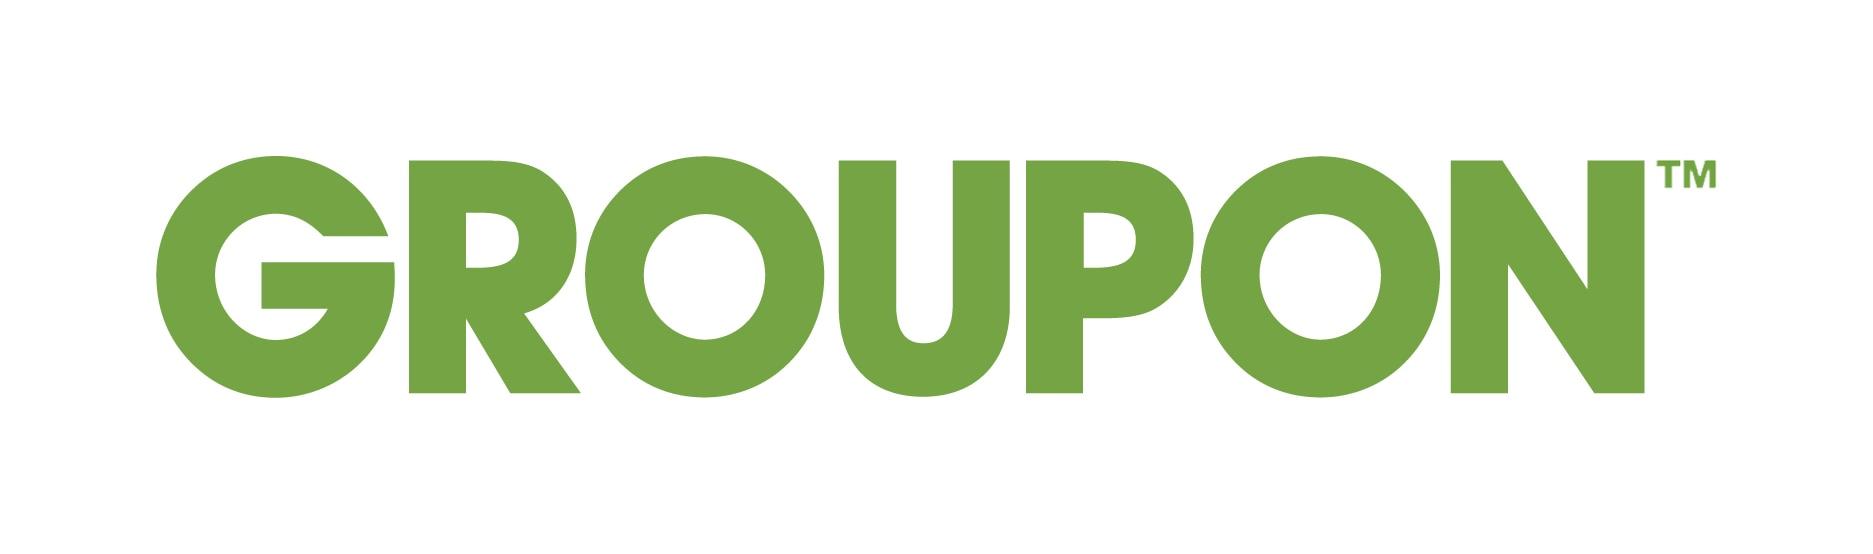 Groupon 01.jpg